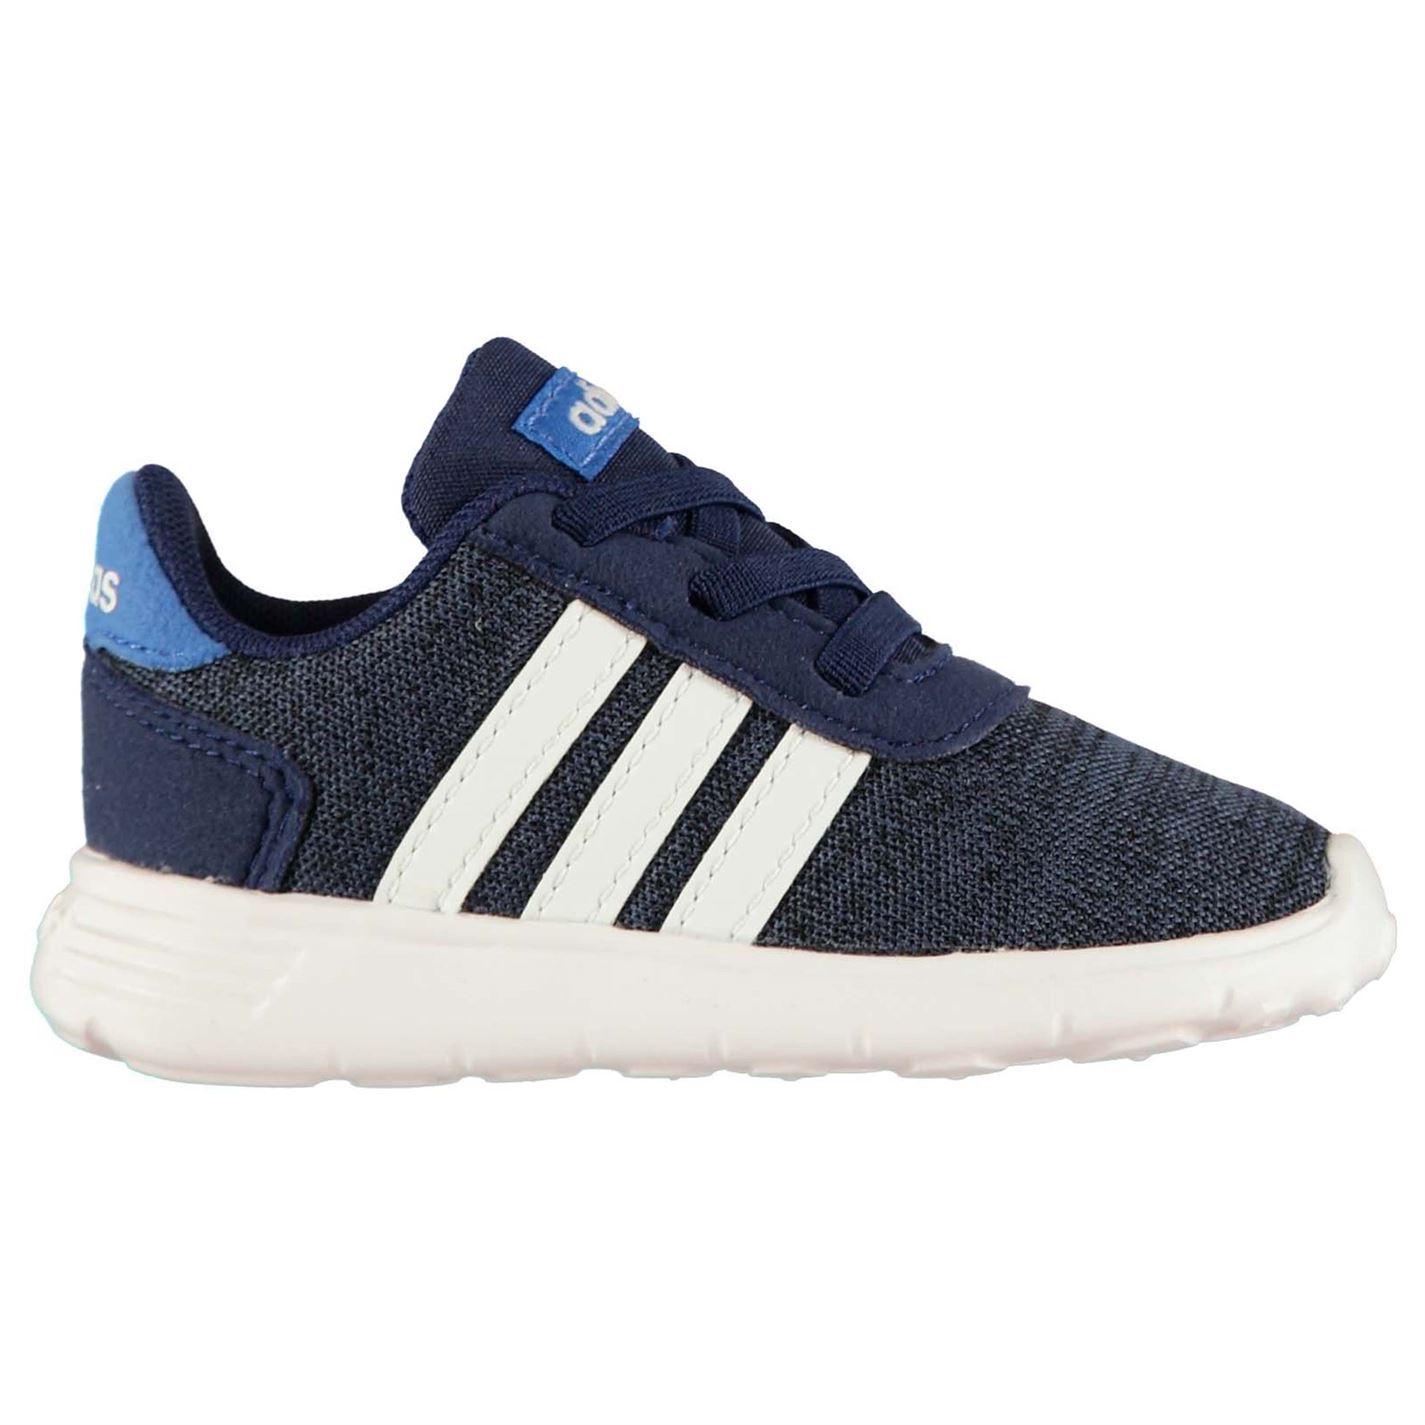 Detalles de Adidas LITE RACER bebés Entrenadores AzulBlancoNegro Zapatos Calzado ver título original